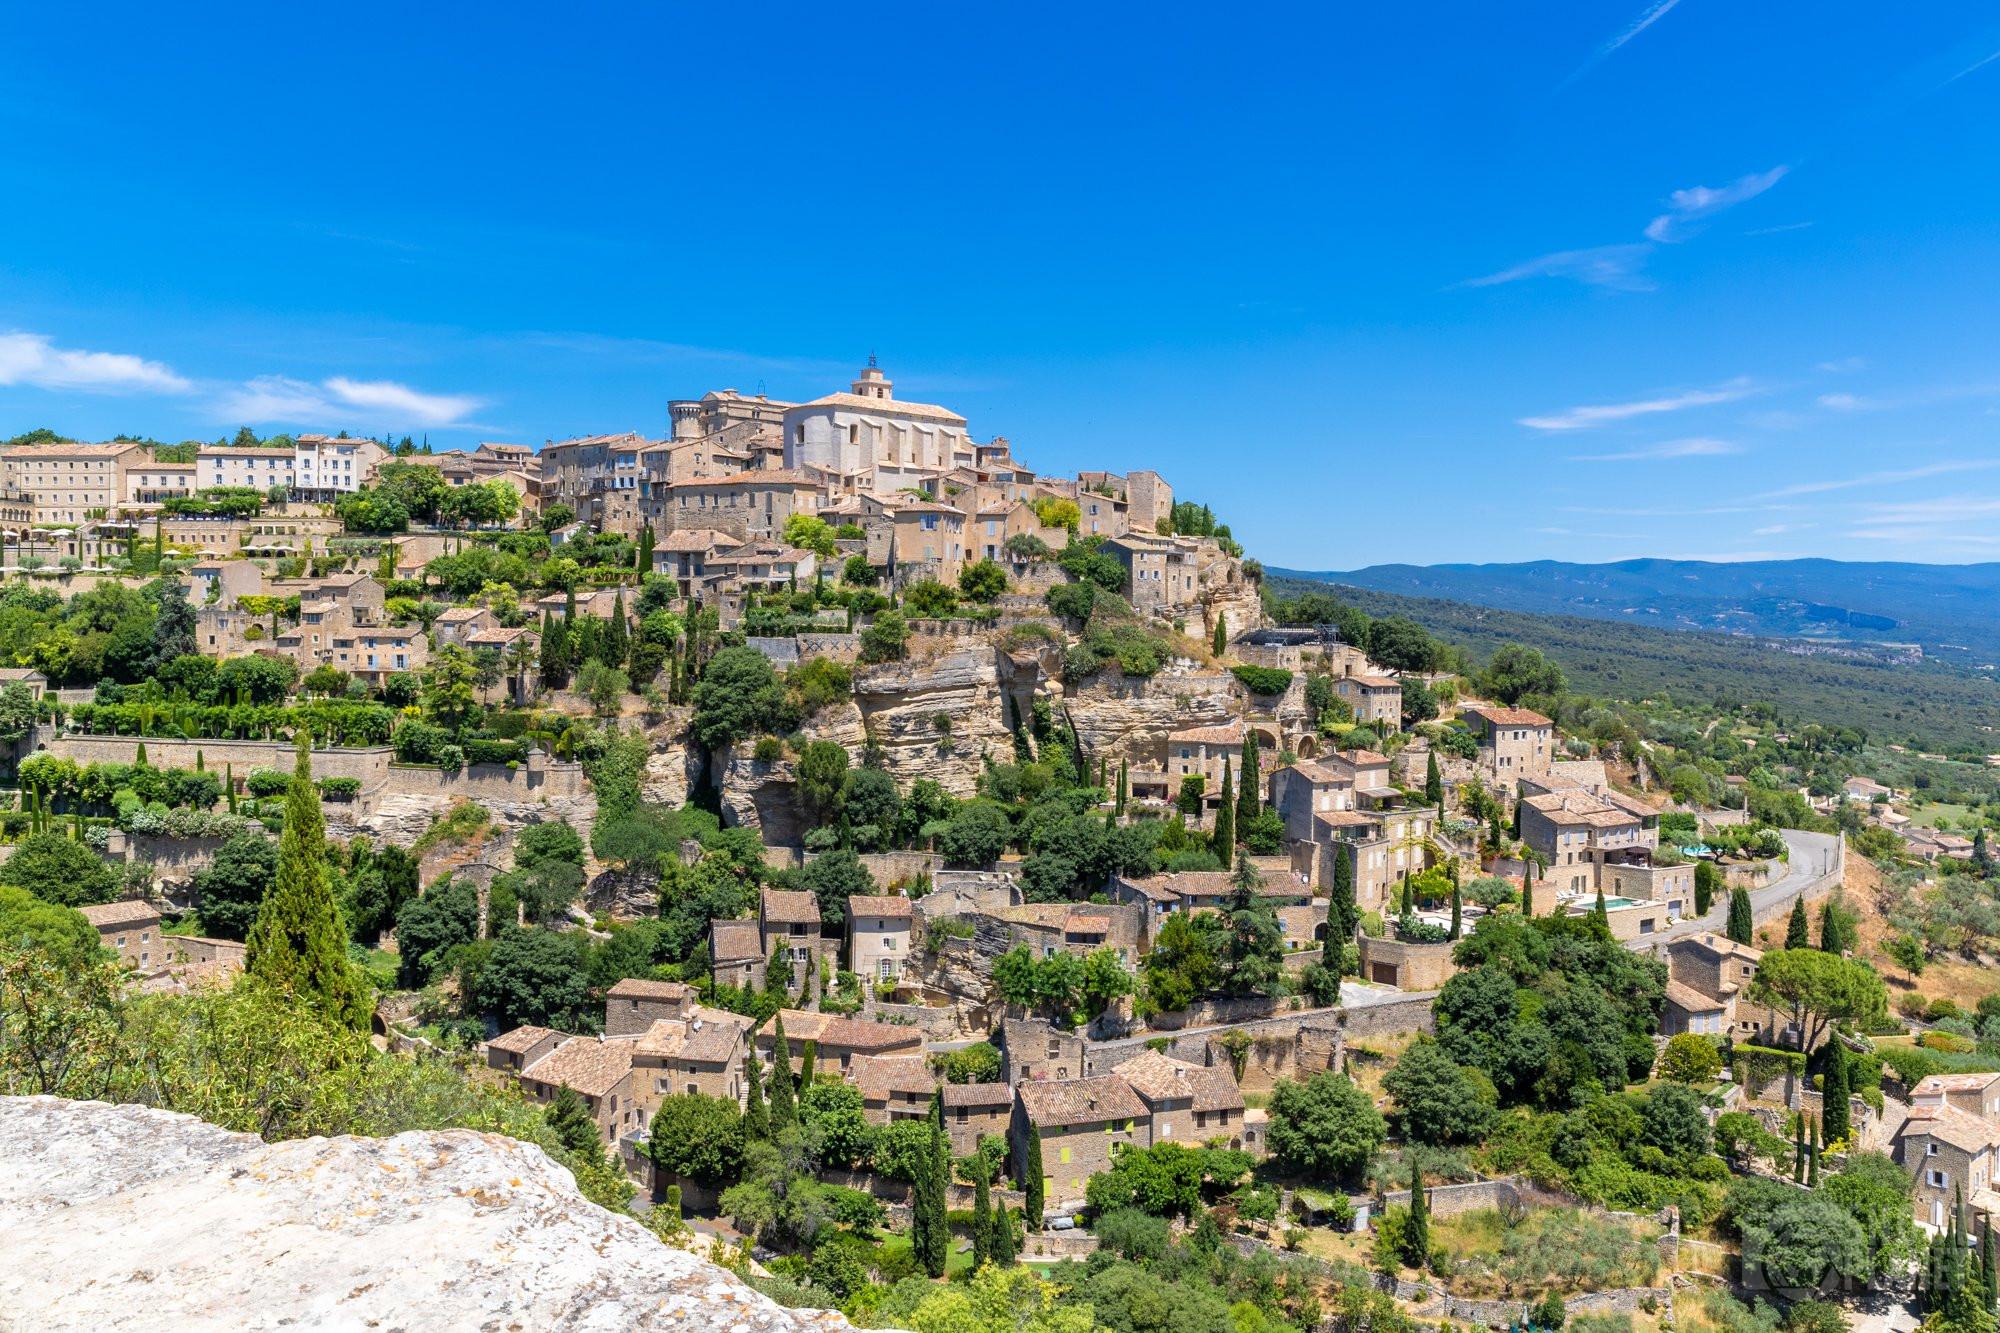 Gordes Provençal village aerial view in Vaucluse, France